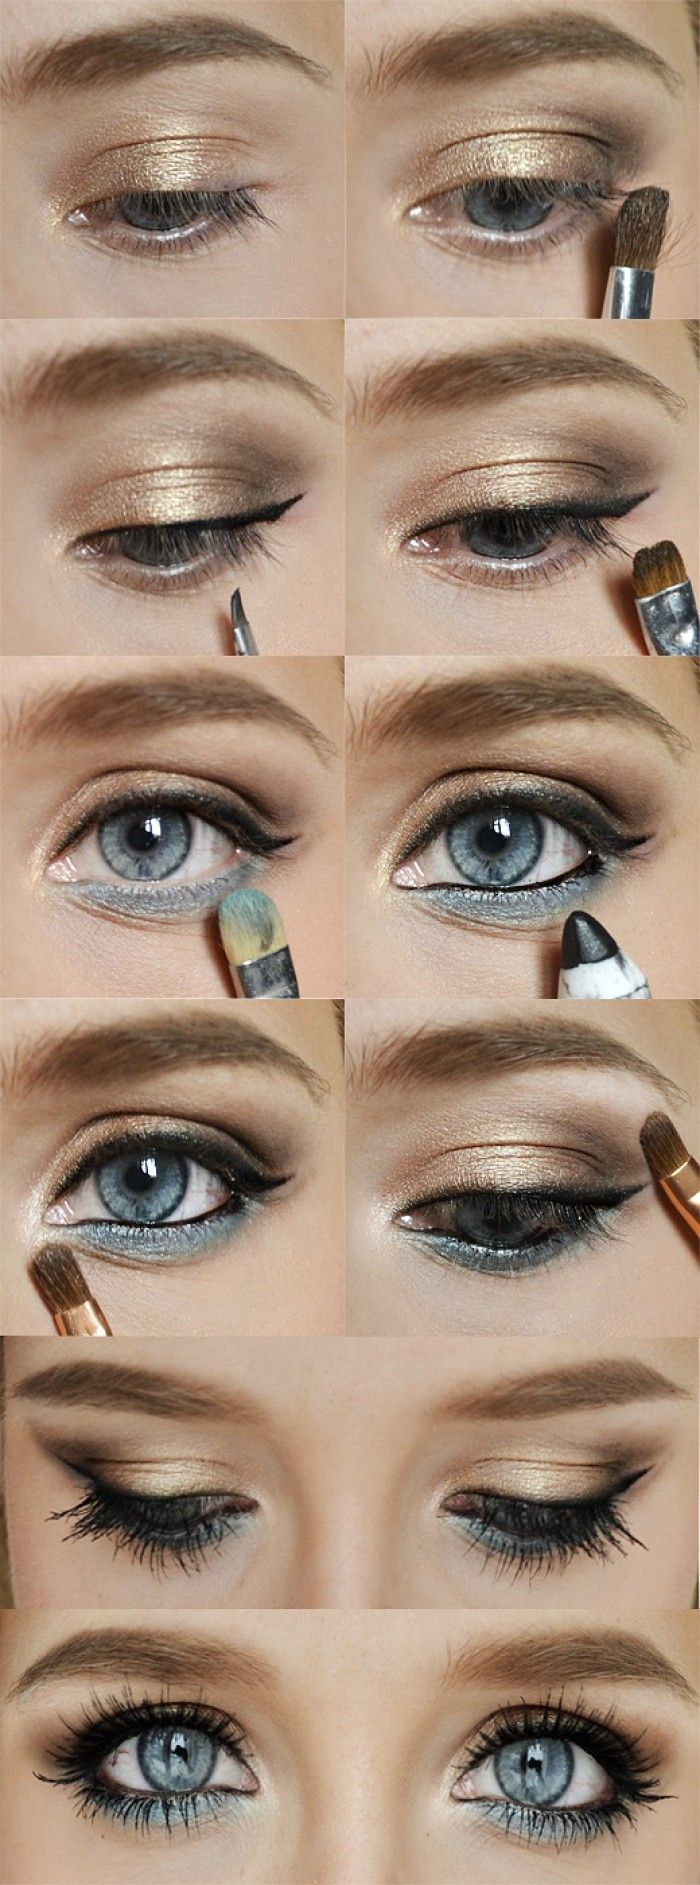 alle make-up manieren - en nog een mooie voor blauwe ogen!